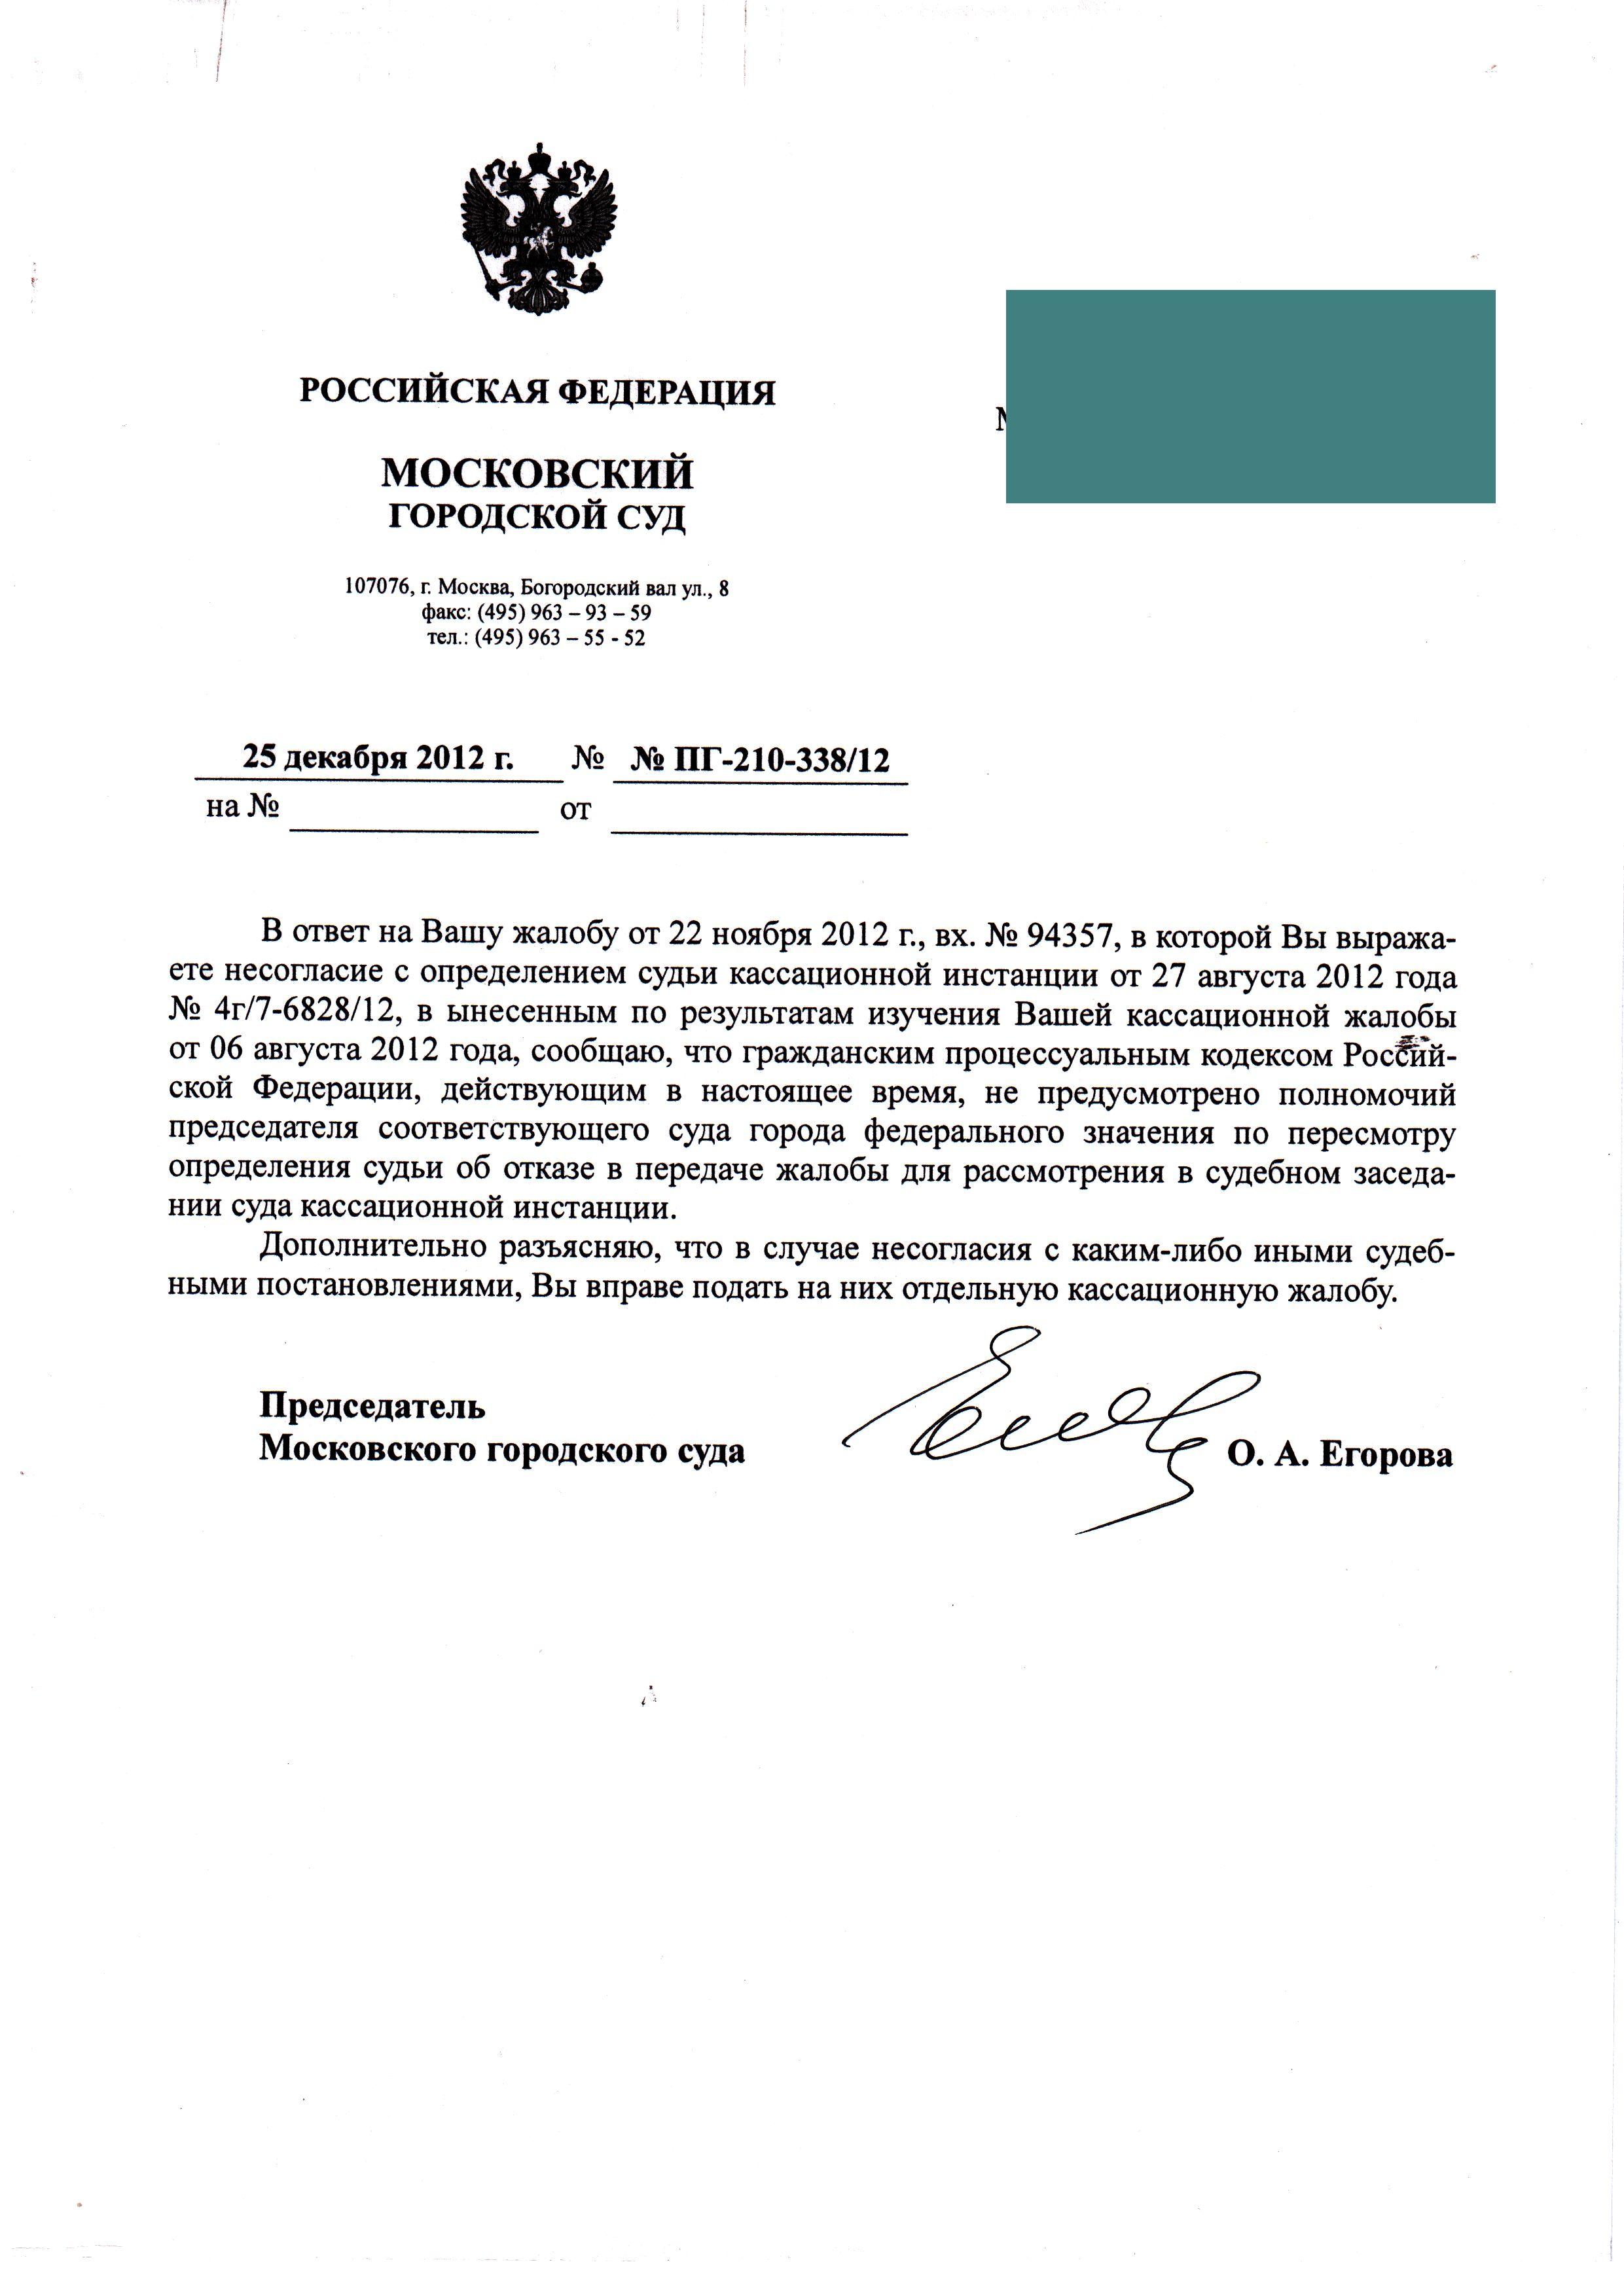 150. Кассационная жалоба в президиум Мосгорсуда, областного суда, образец